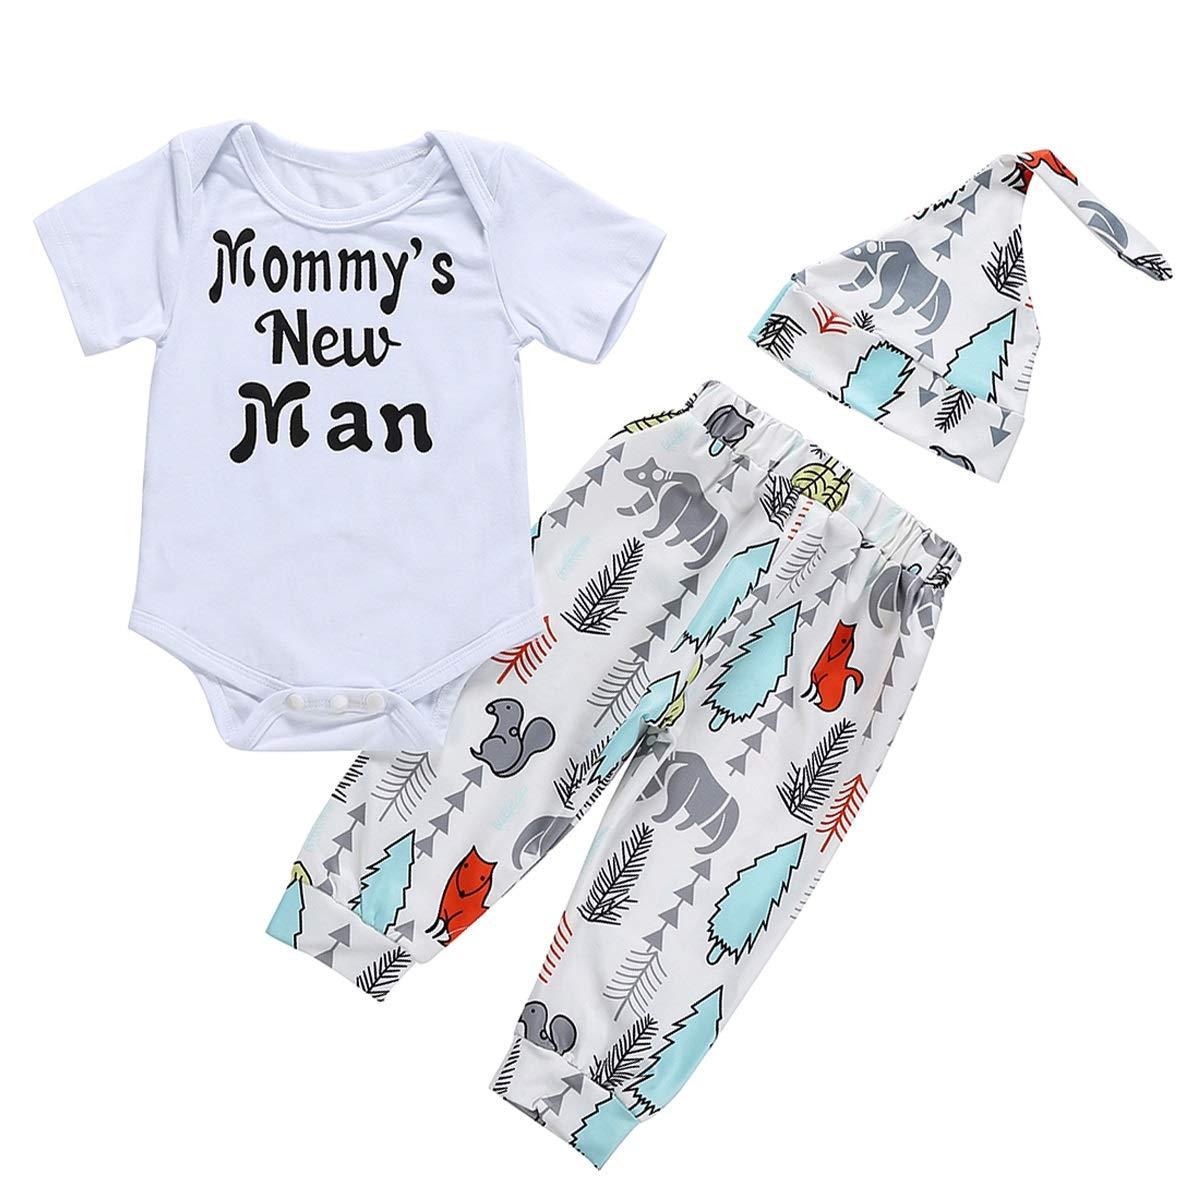 Hat Newborn Toddler Outfit Suit 3pcs//set Baby Boy Letter Print Romper Pants